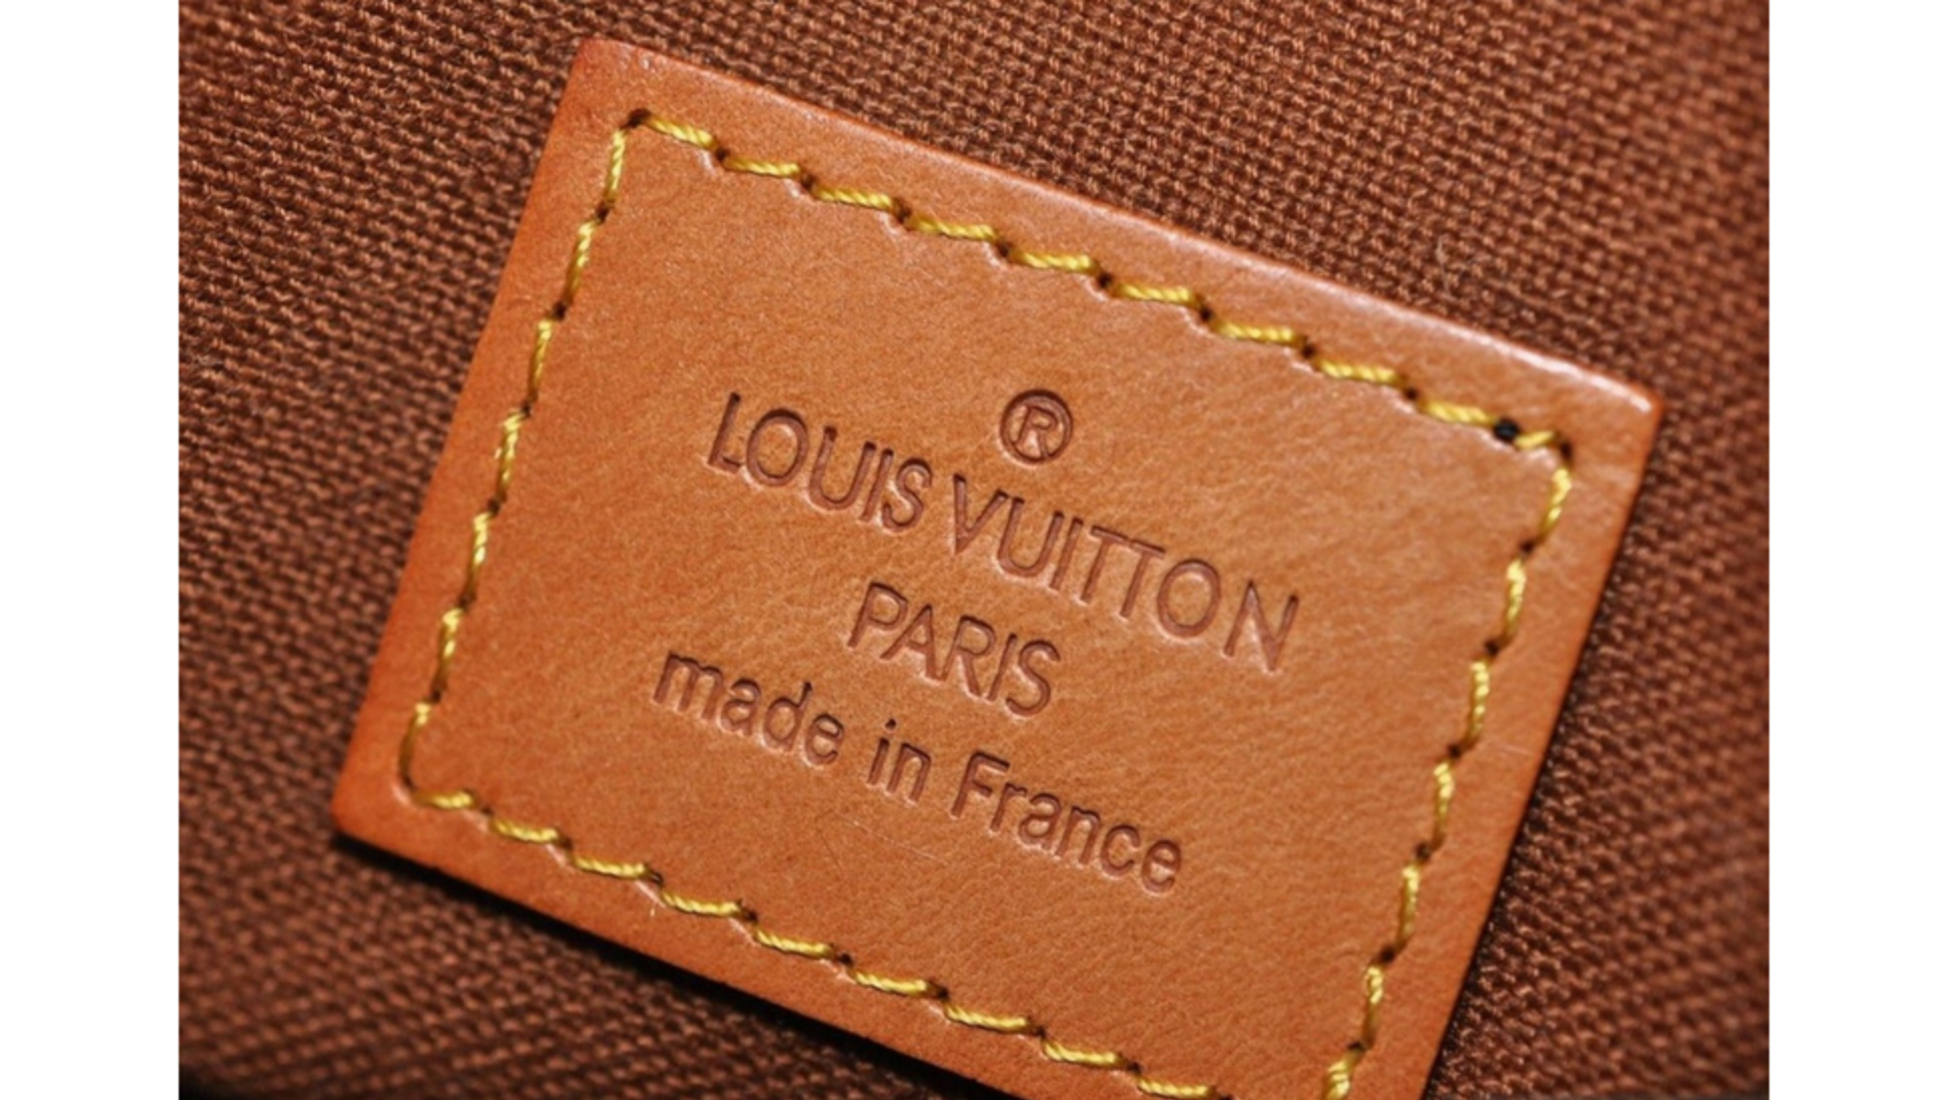 expertentipps: so kaufen sie eine echte louis vuitton handtasche